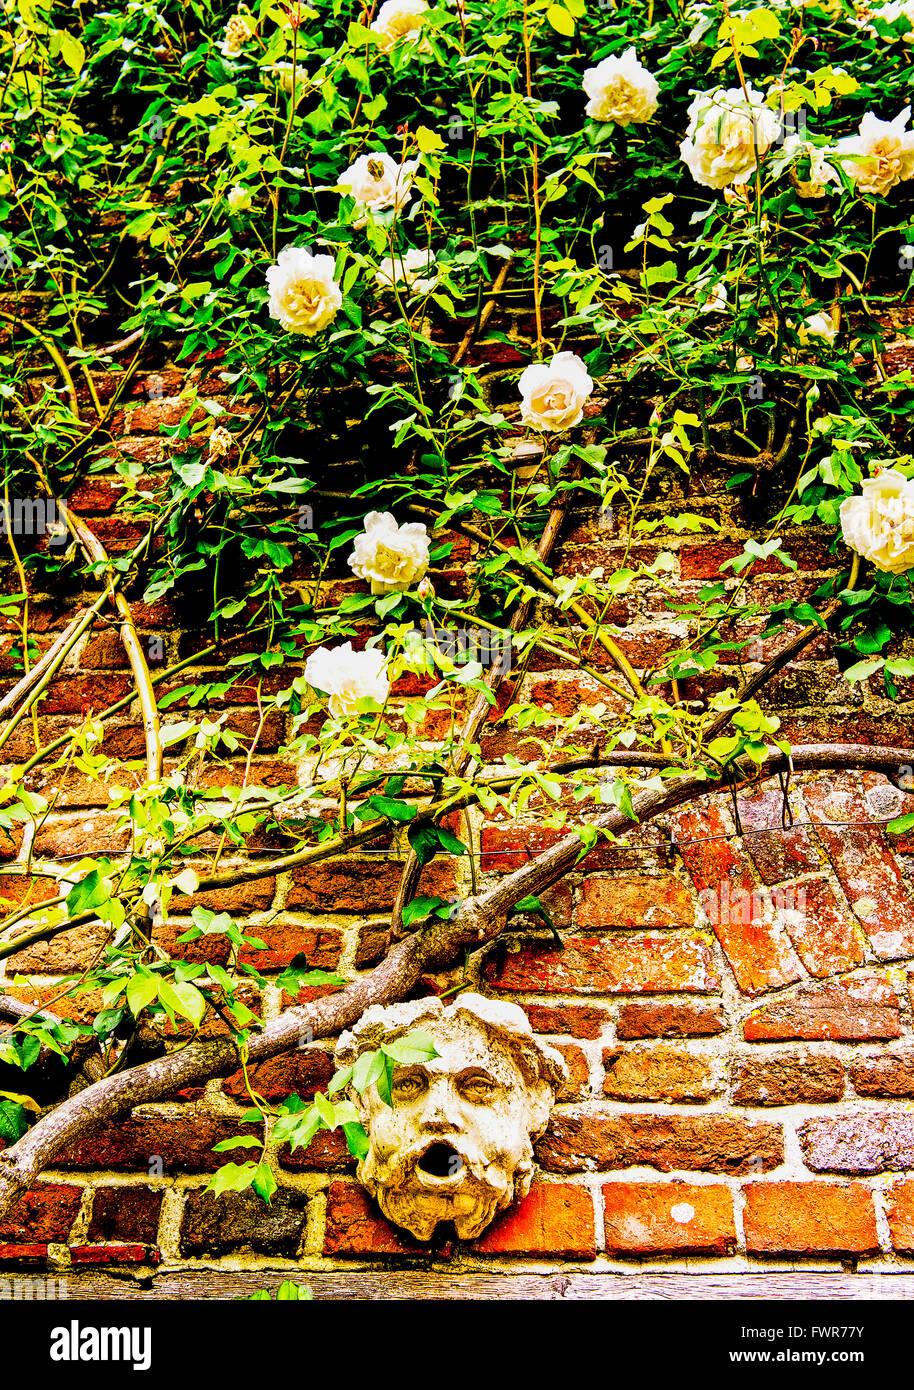 Gemauerte Wand in einem prominenten Garten mit Blumen Stockfoto ...